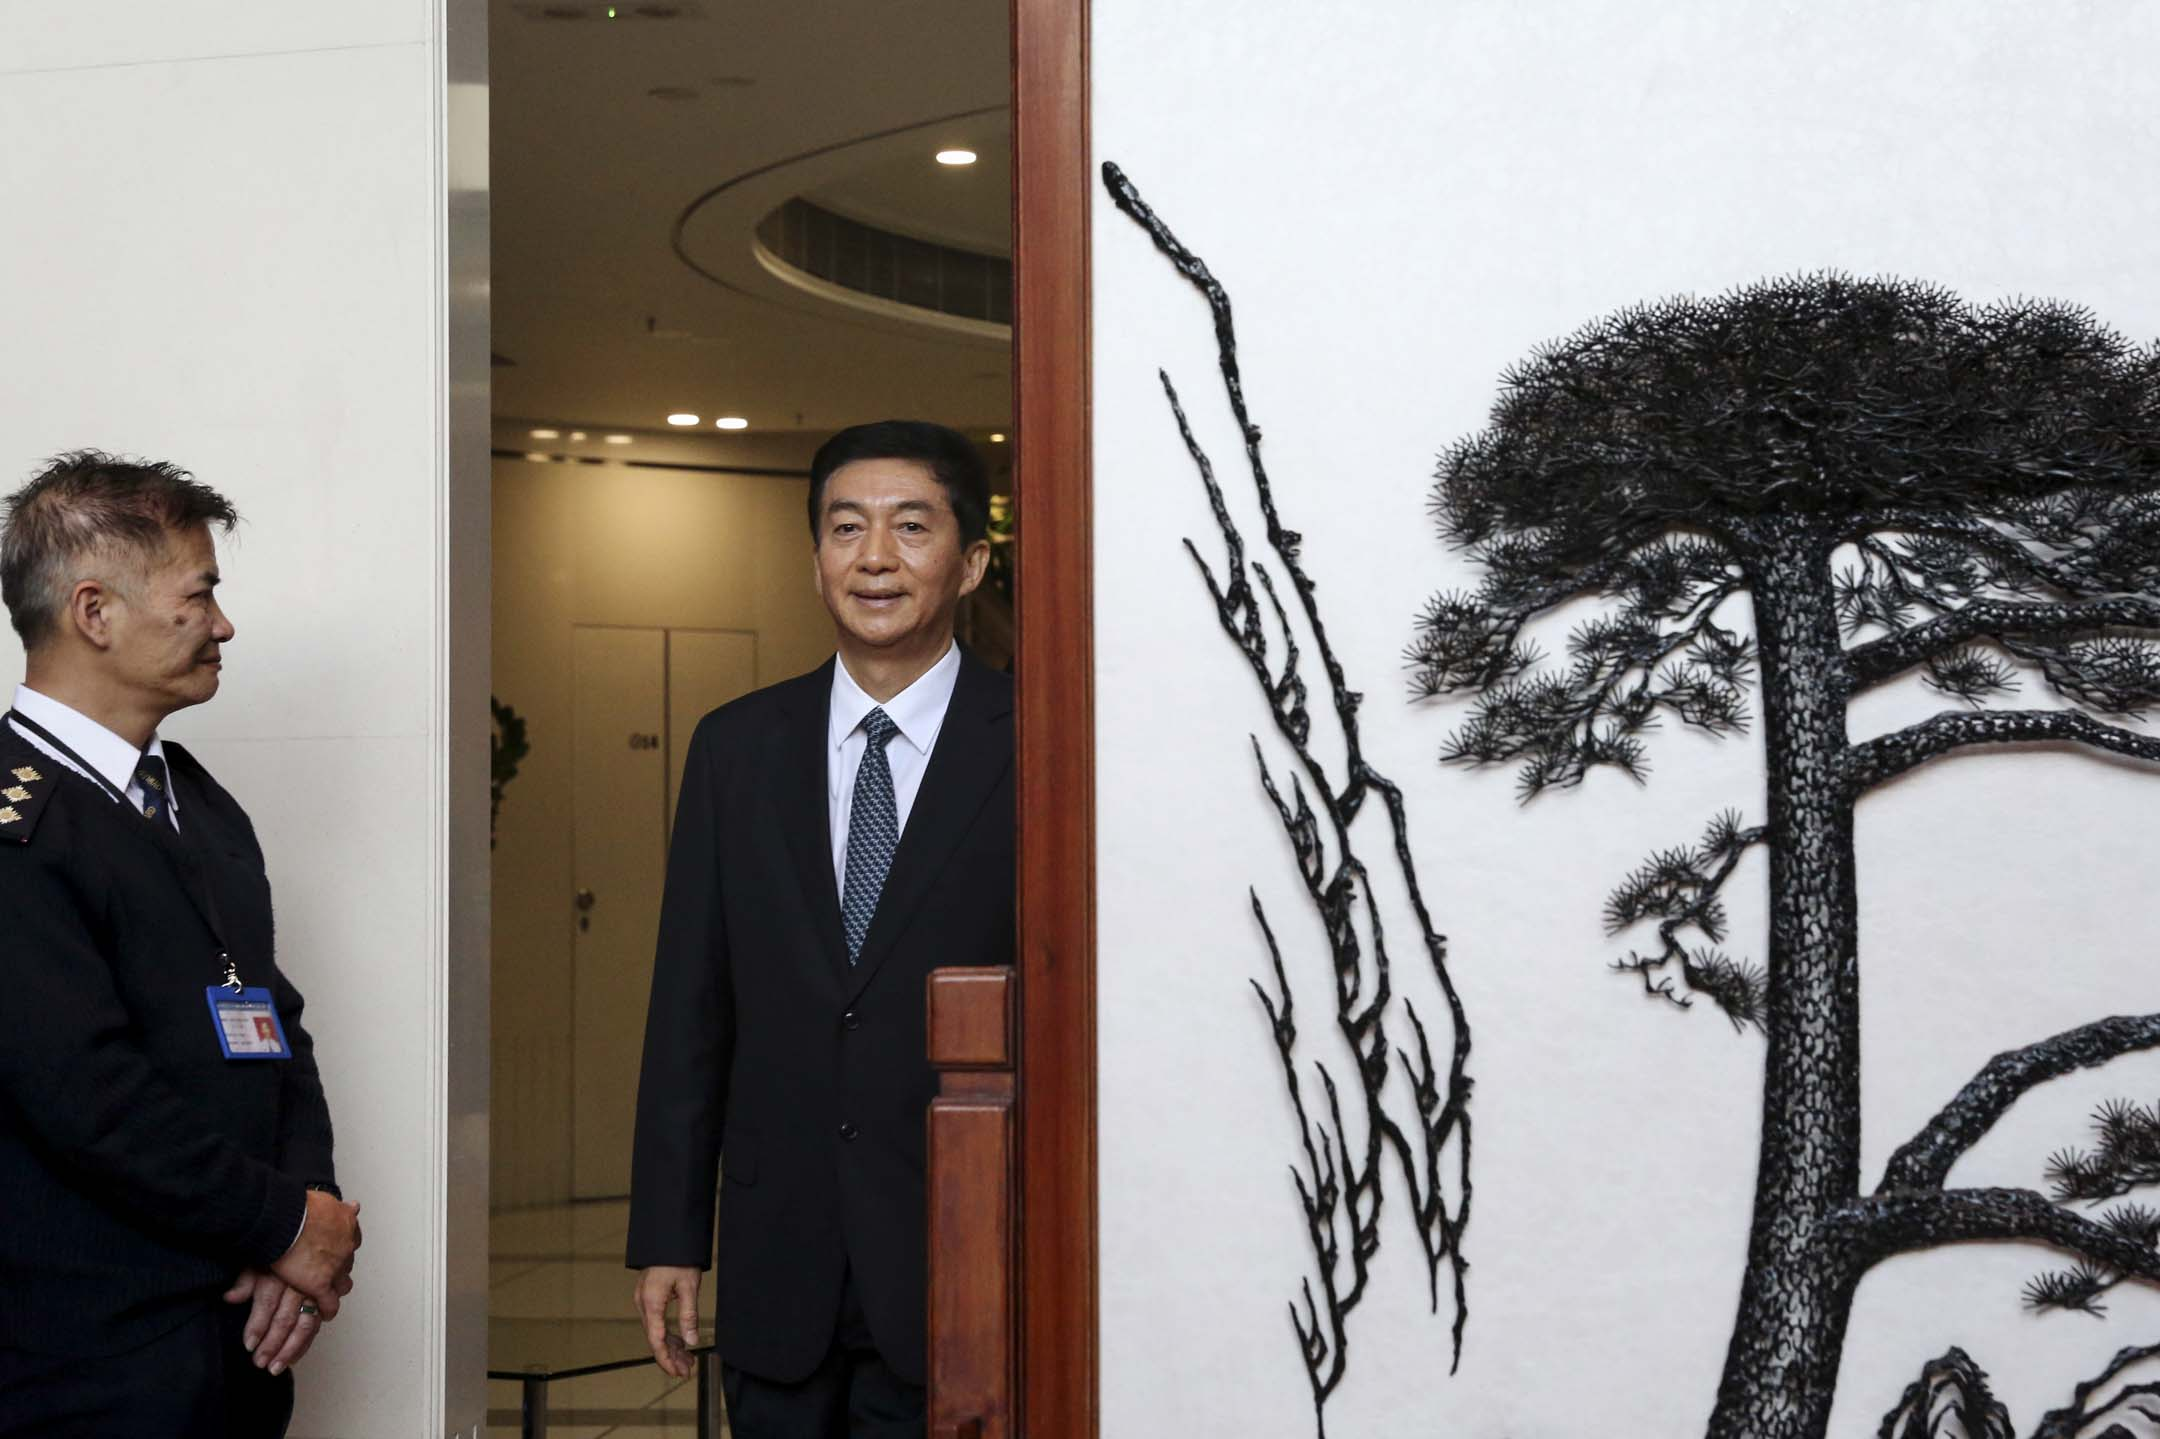 2020年1月6日,中聯辦主任駱惠寧履新,於早上10時半現身會見傳媒。